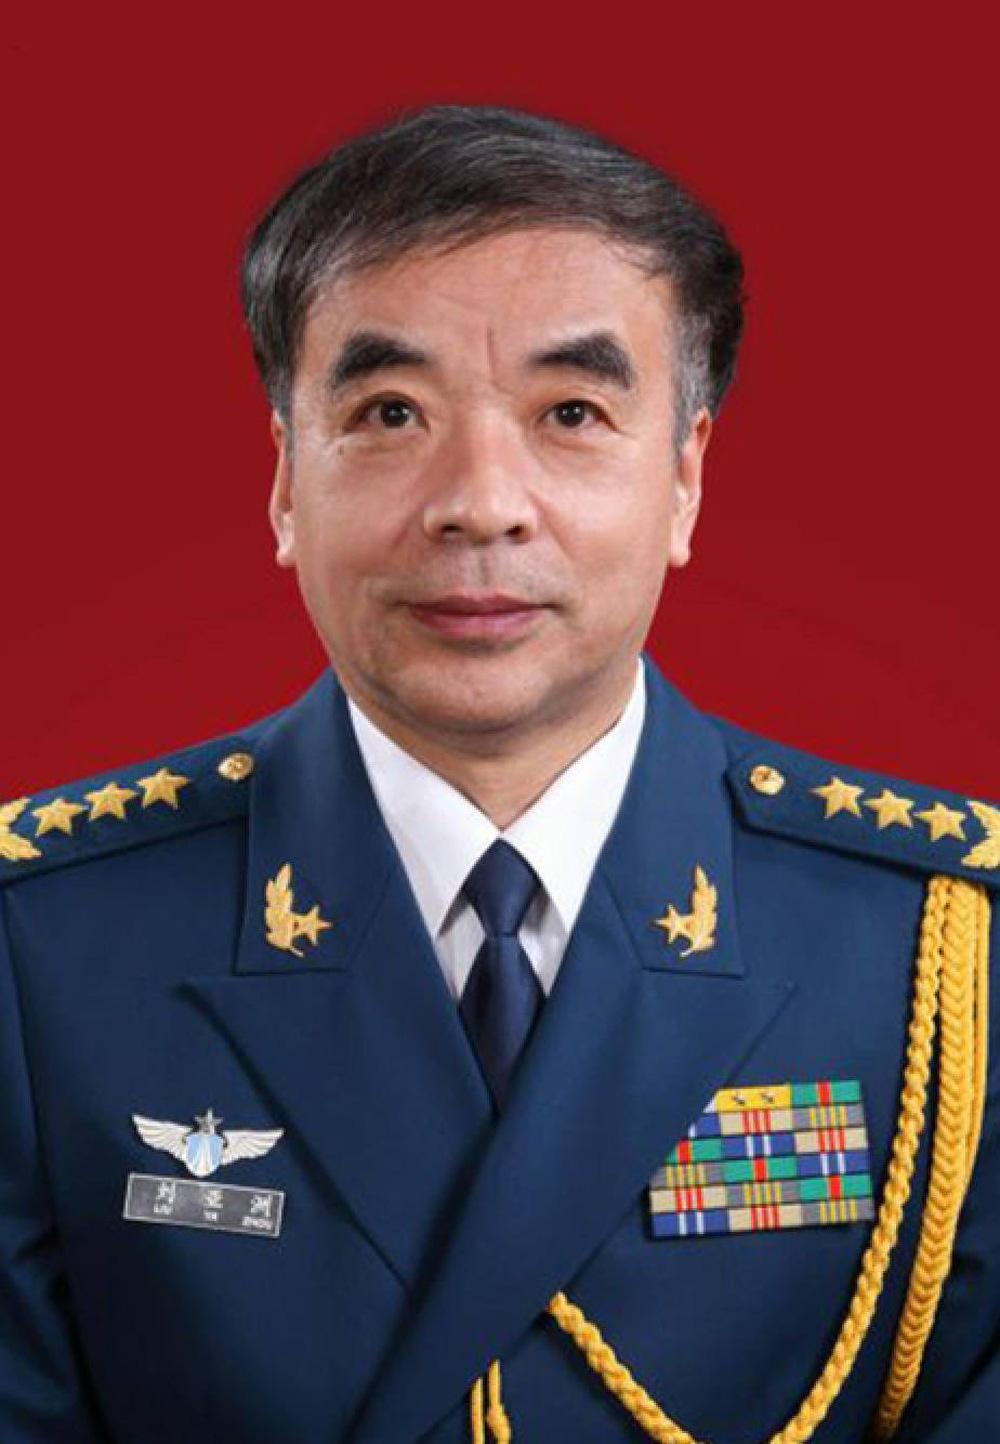 Bài diễn thuyết chấn động TQ: 3 sự việc ngày 11/9 làm tướng PLA ngả mũ trước sức mạnh đáng sợ nhất của Mỹ - Ảnh 1.